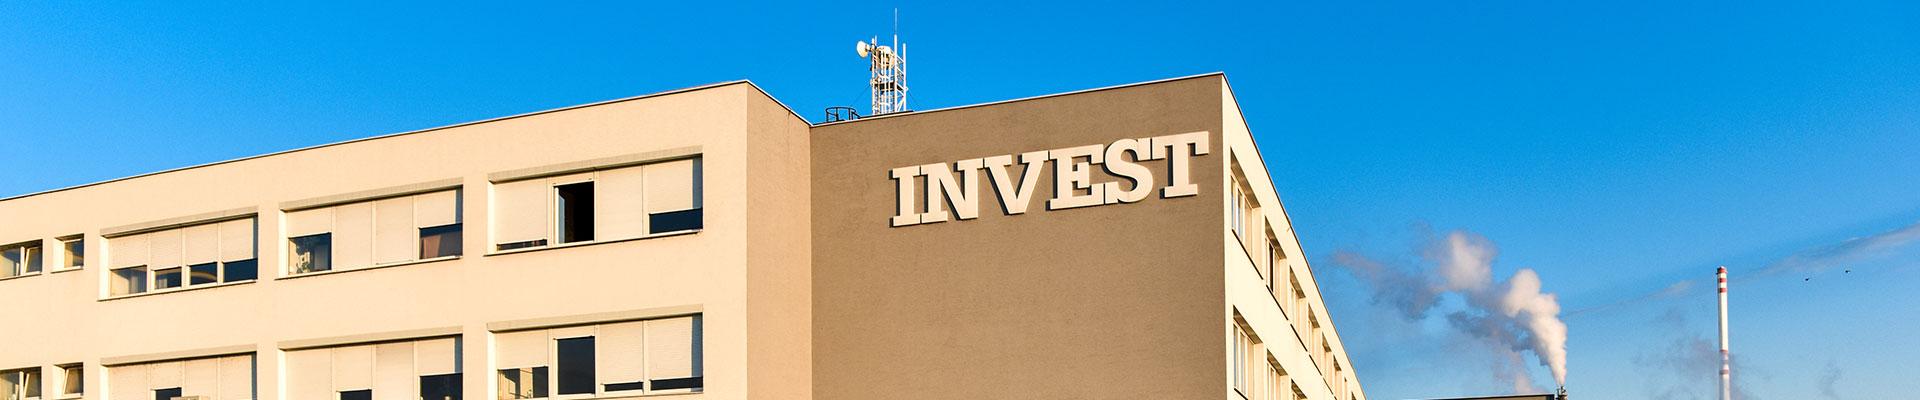 slider-invest4.jpg